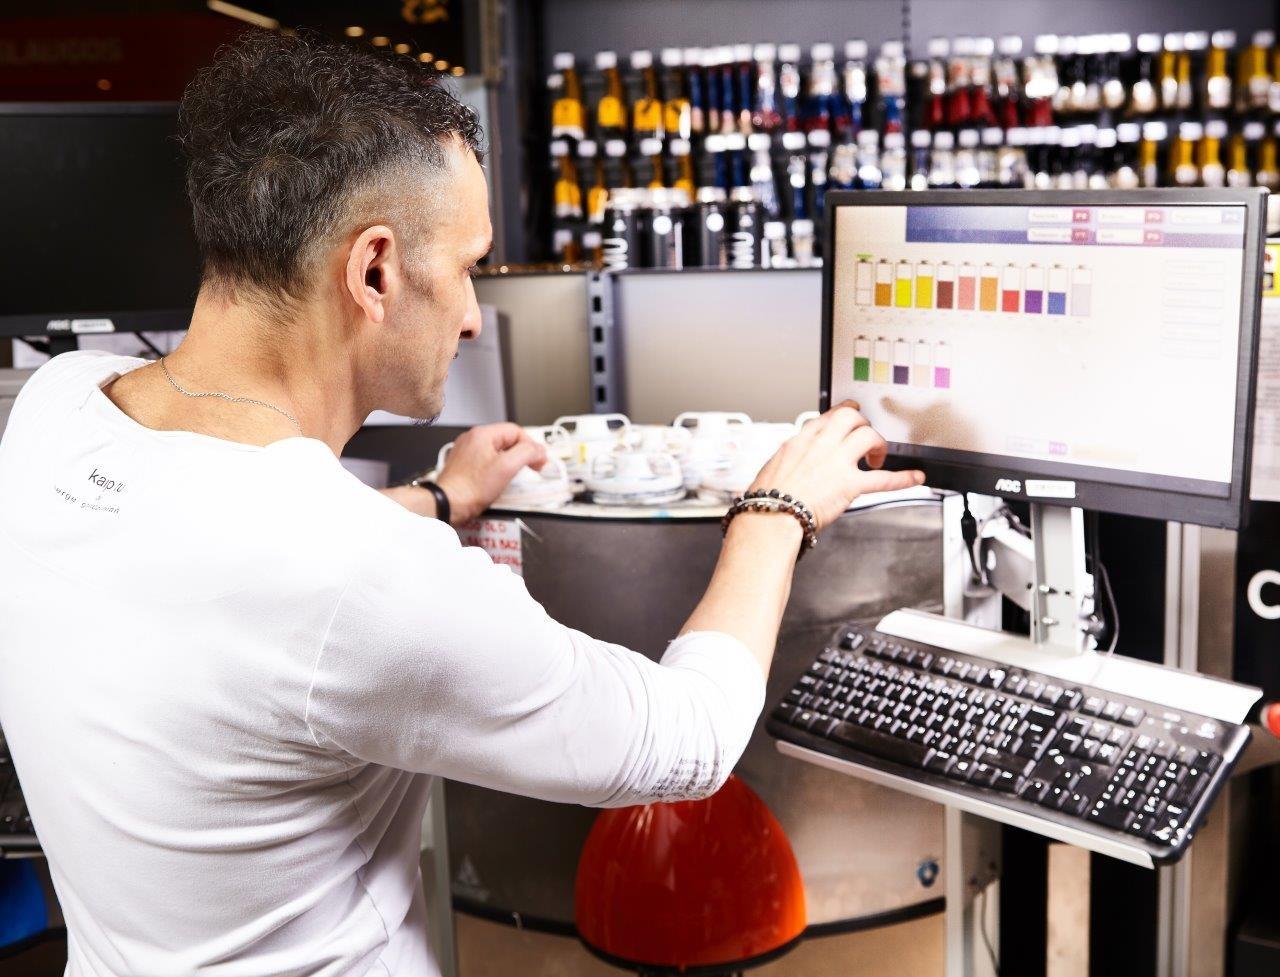 Seržas Gandžumianas į interjero dizainą žengia su inovacijomis